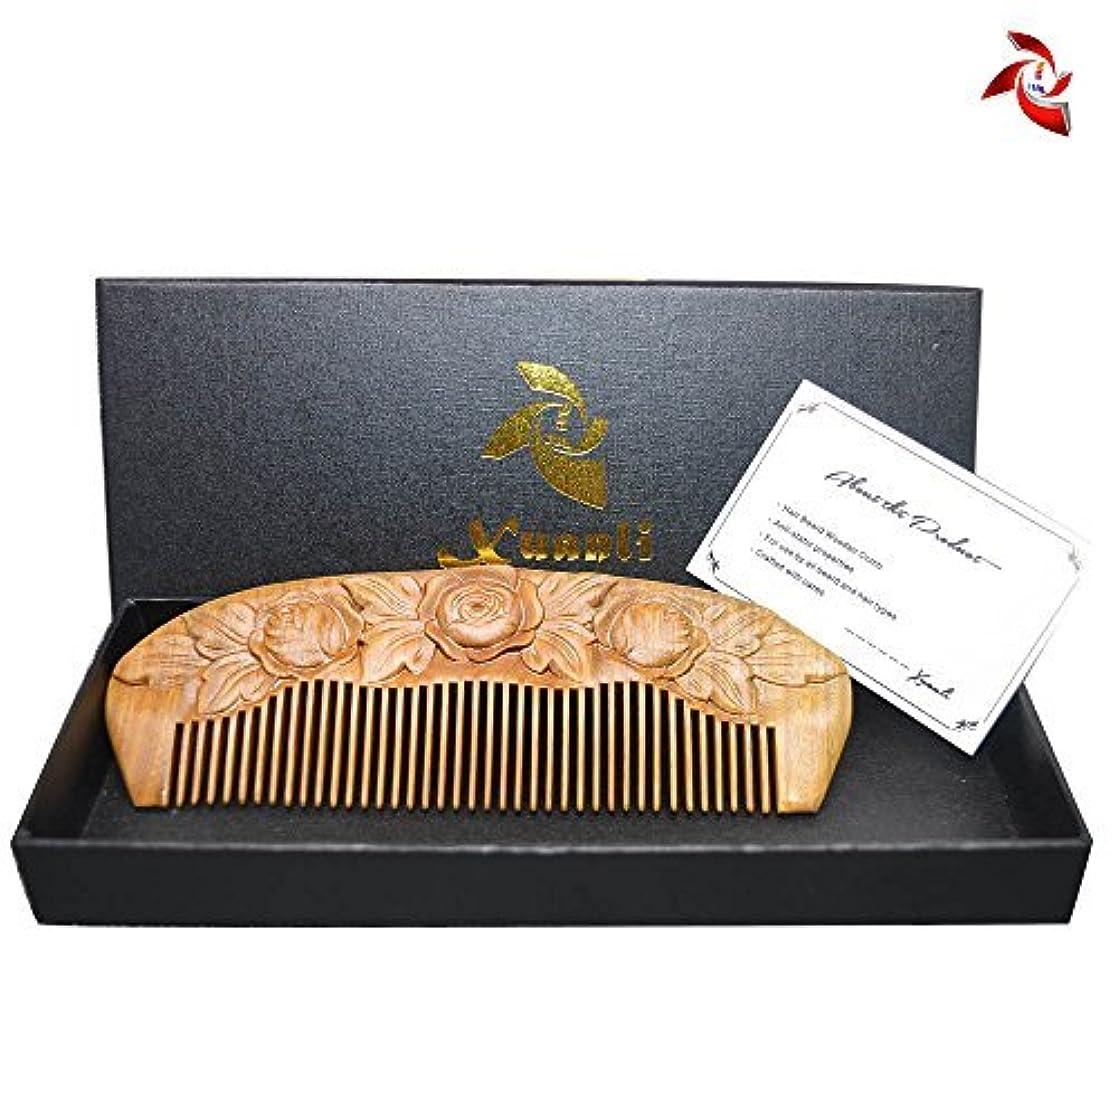 傭兵ペレグリネーションペックXuanli Wood Combs Carving roses design Natural Green Sandalwood Combs Top Quality Handmade Combs For Hair No Static (M024) [並行輸入品]